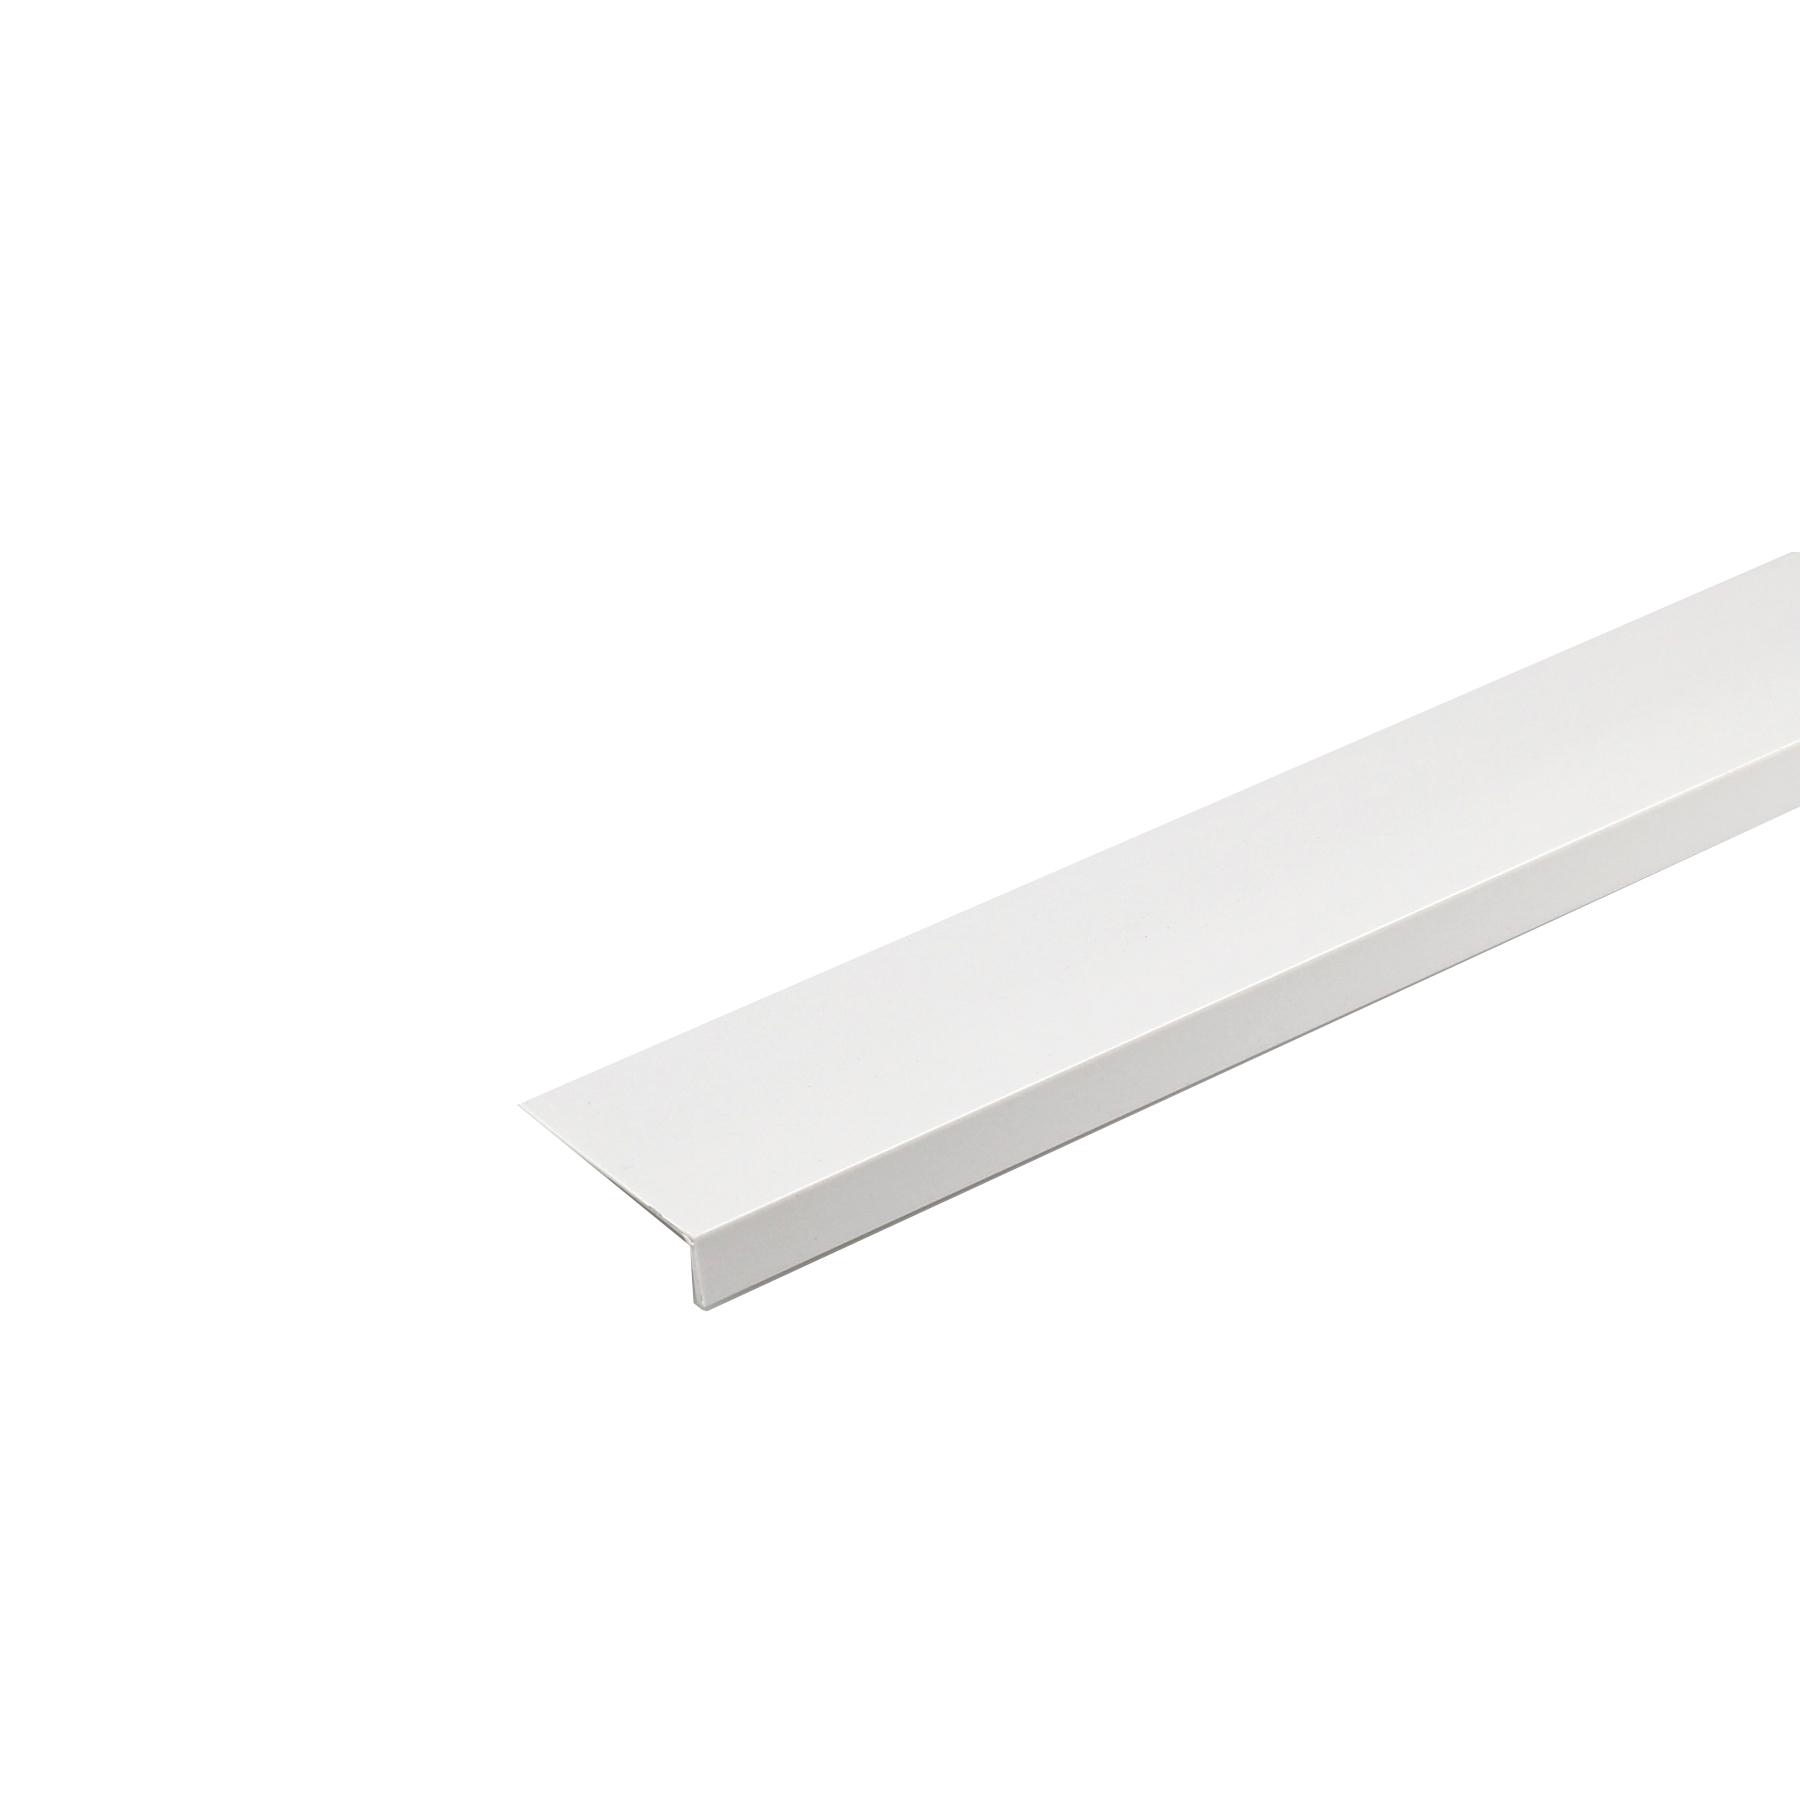 Perfil L PVC Acetinado 1mx2,5cm